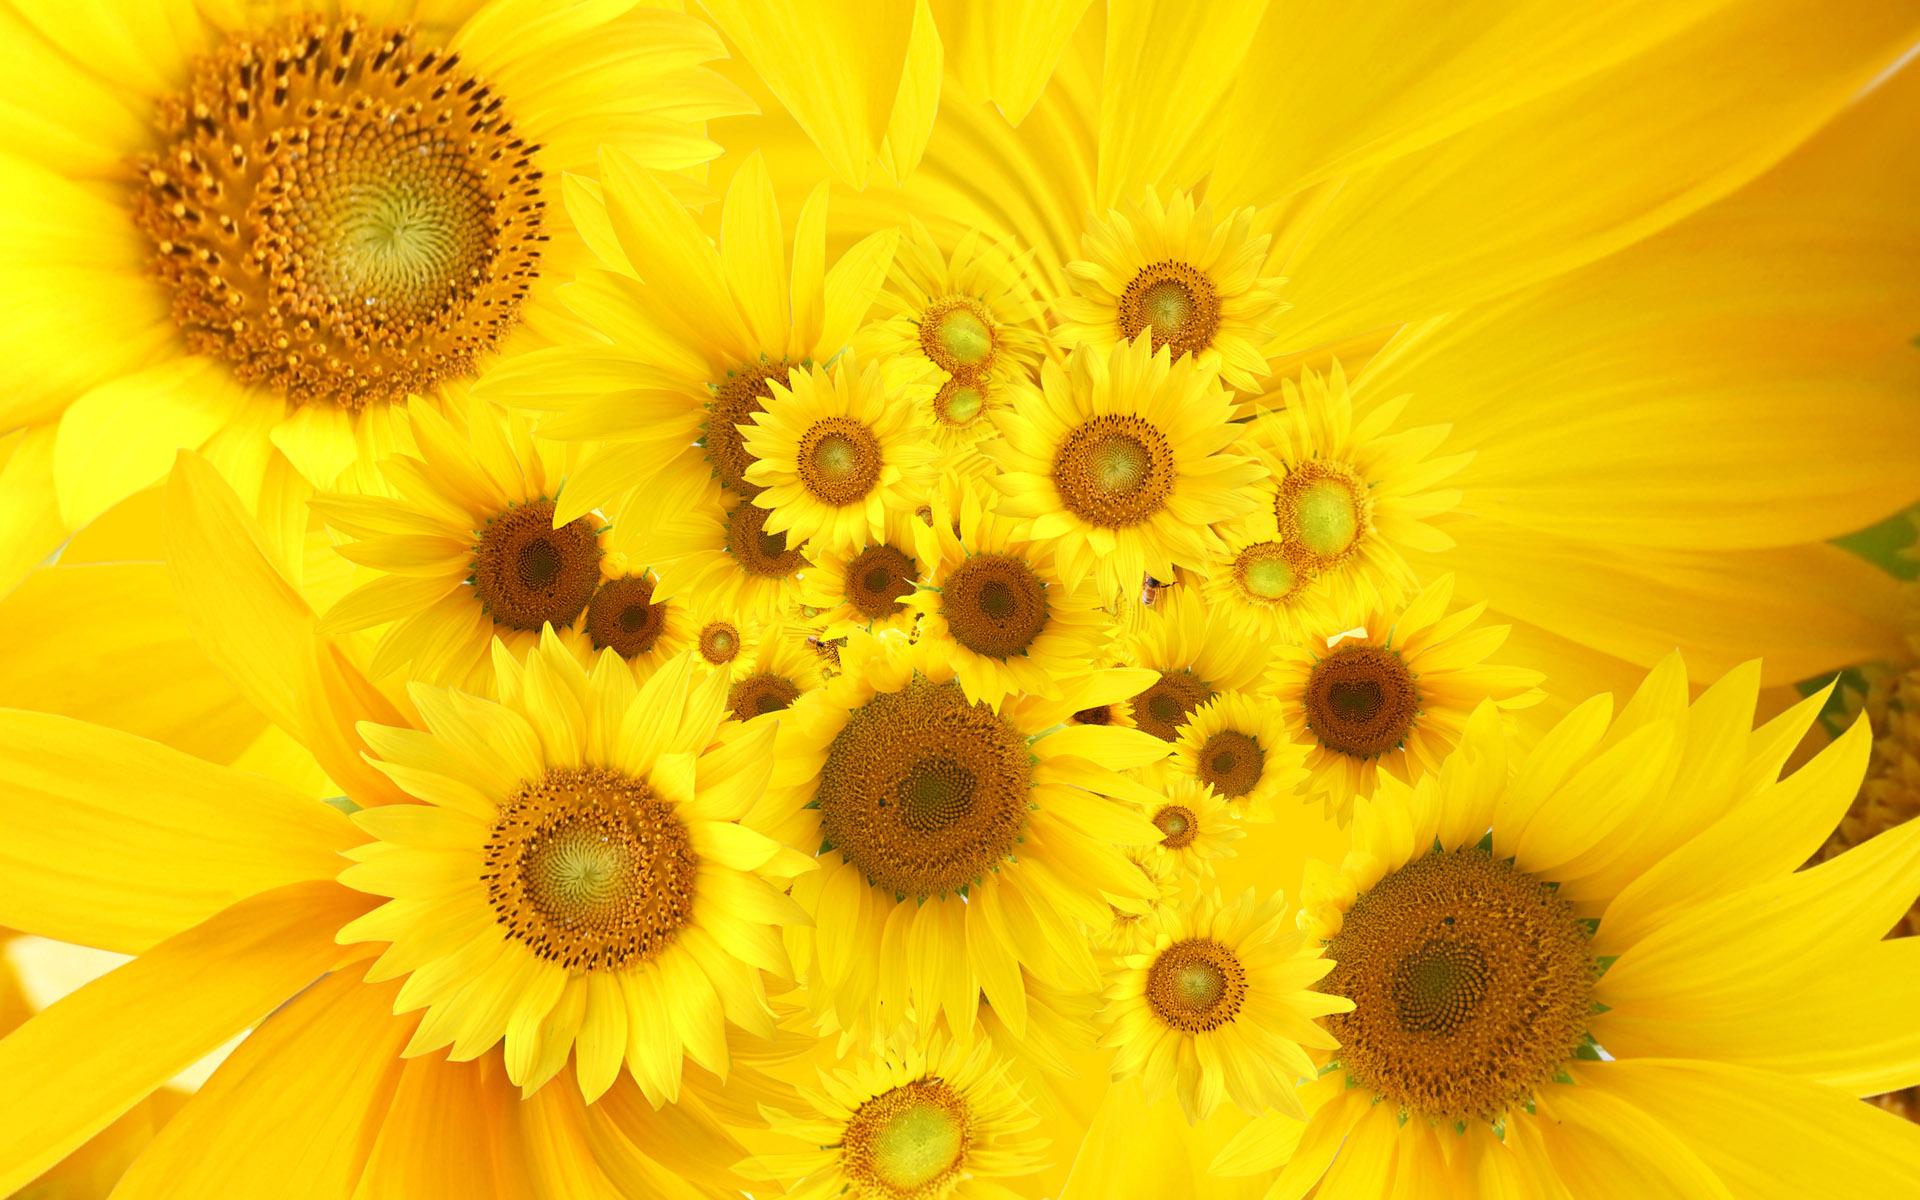 Wallpaper clipart sunflower Wallpaper  Sunflower Sunflower Yellow